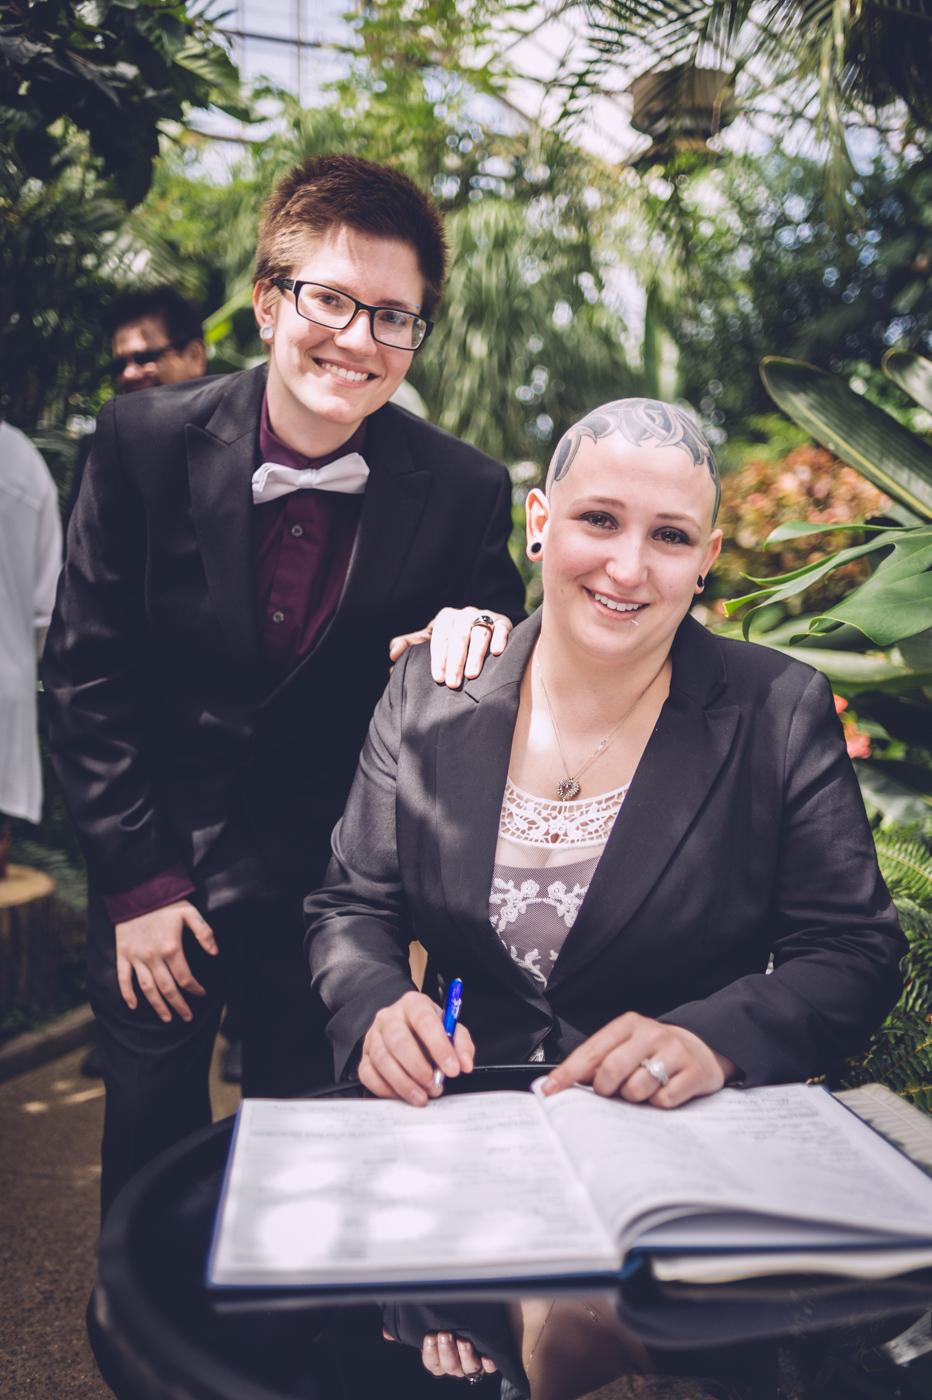 marilynn_robbi_wedding_blog34.jpg